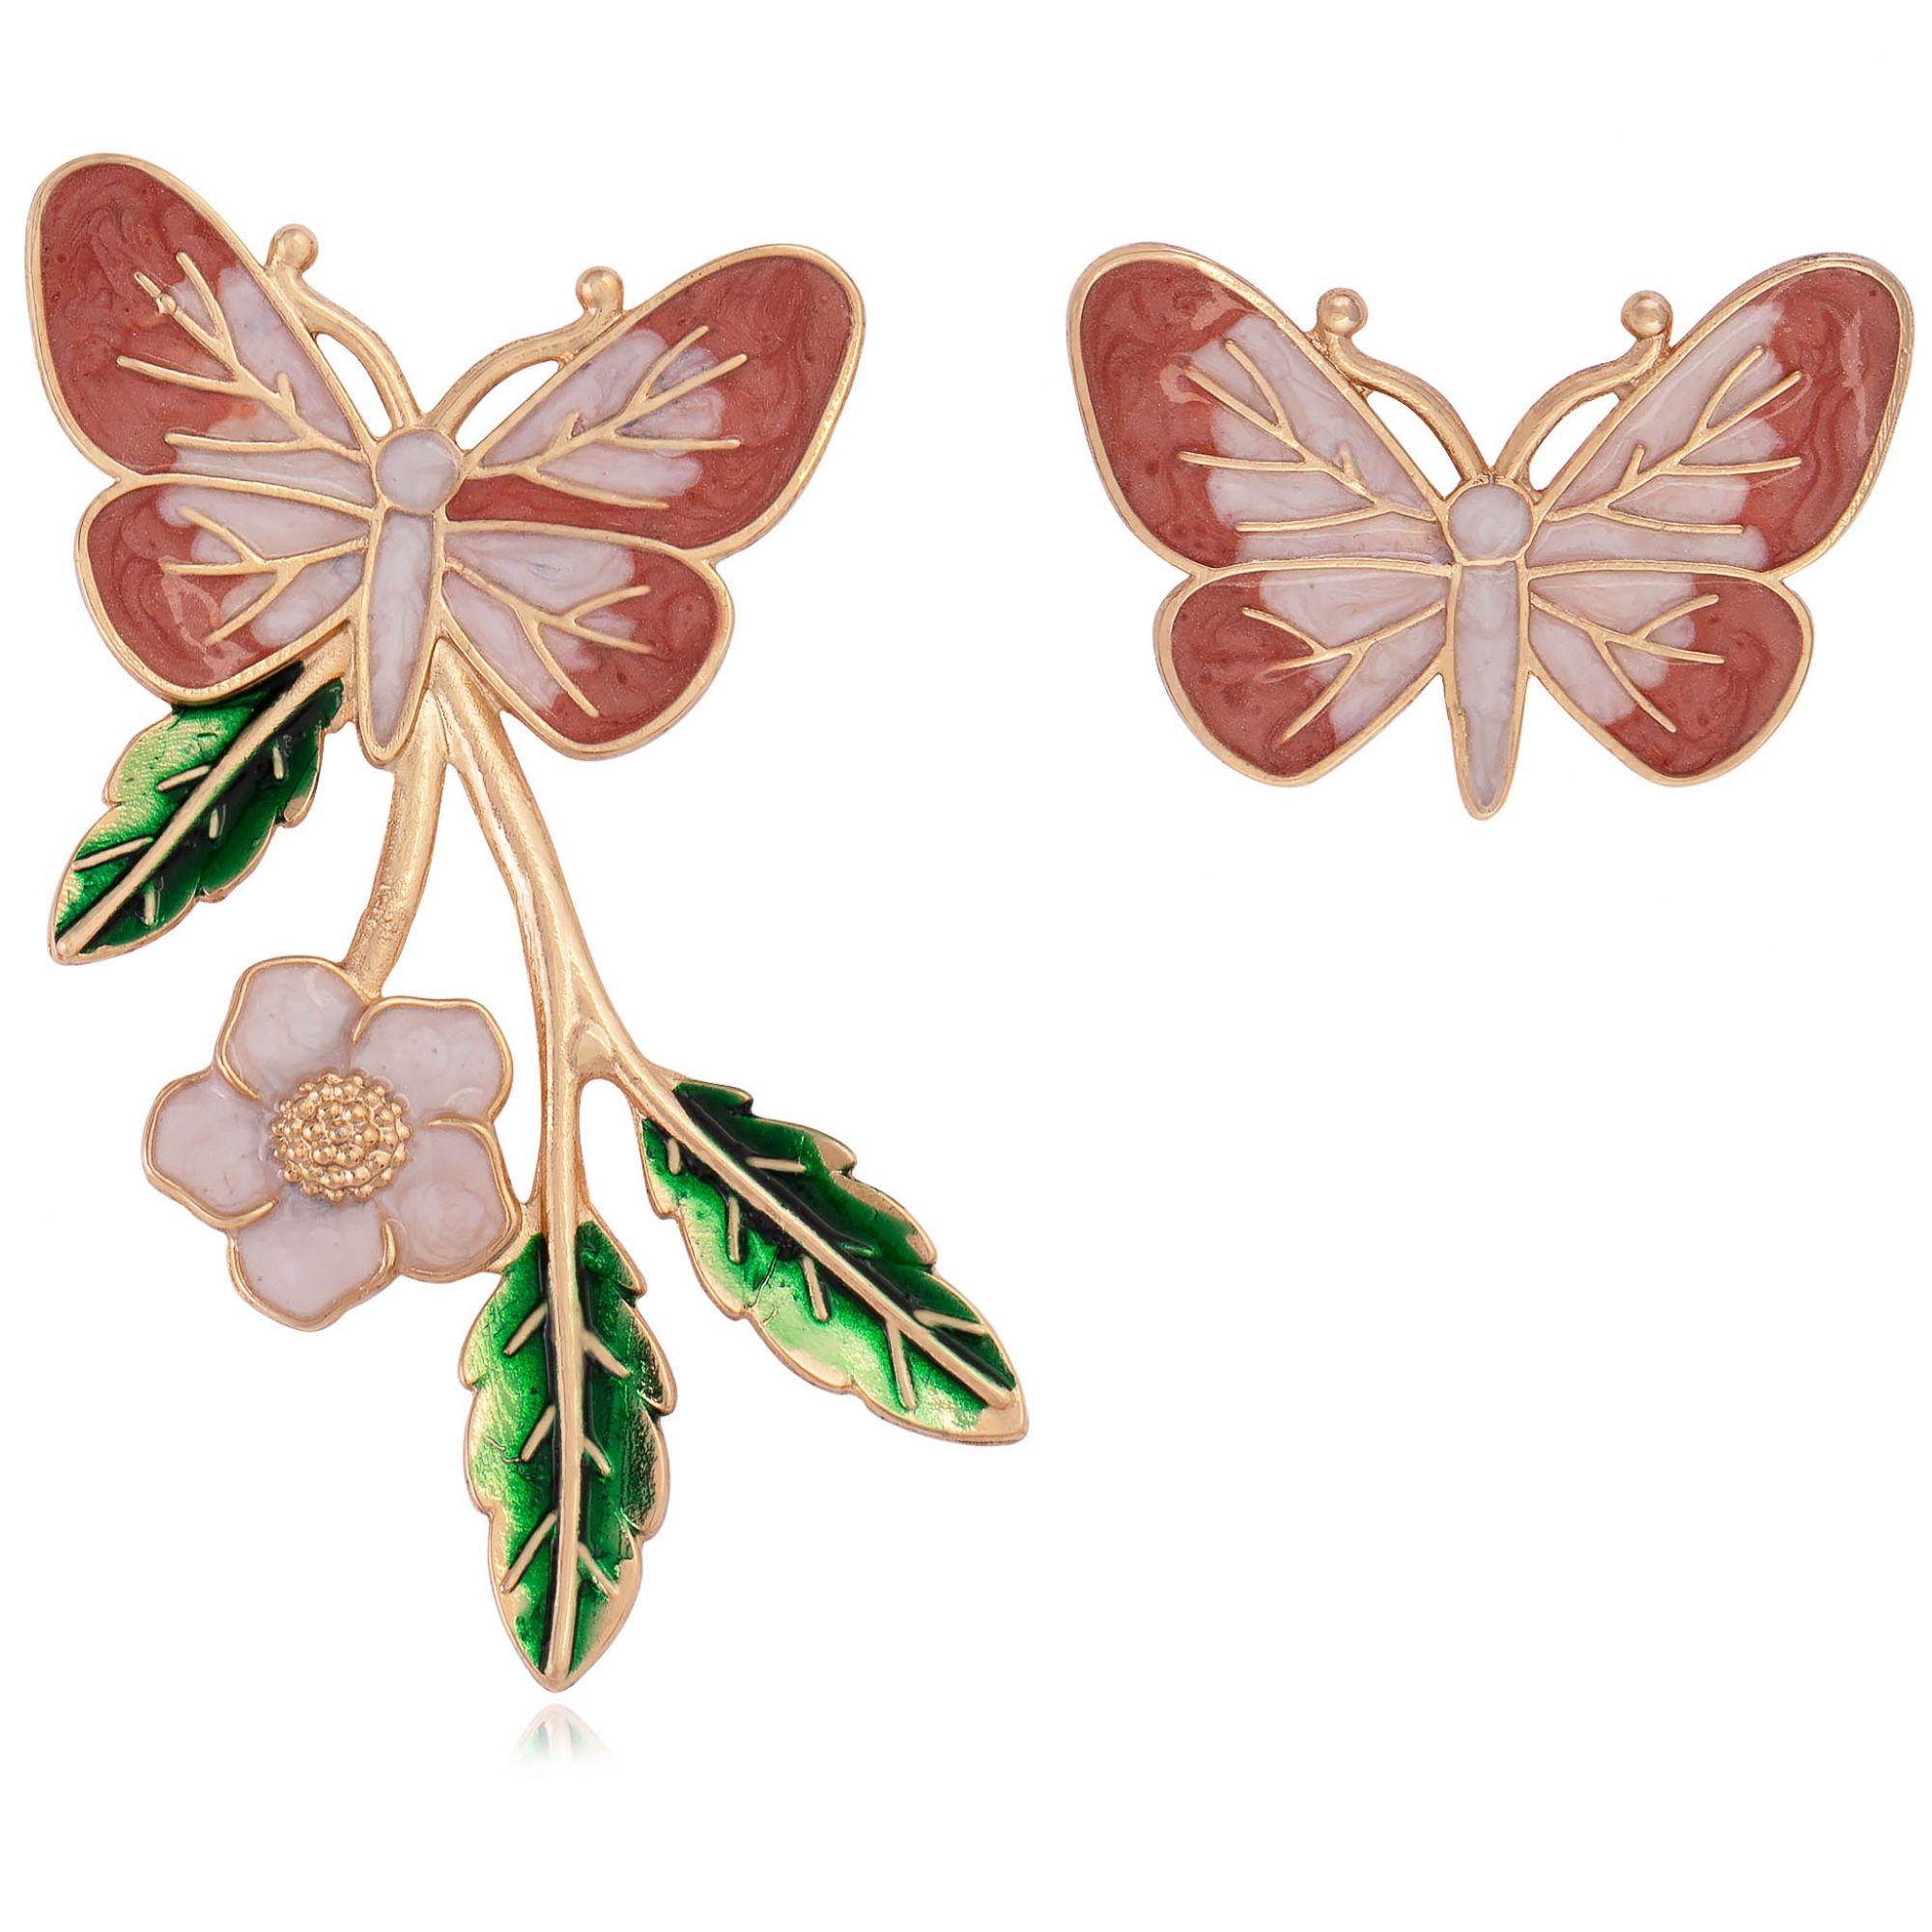 Brinco borboleta banhado a ouro 18k resinado em tons quentes.  - romabrazil.com.br